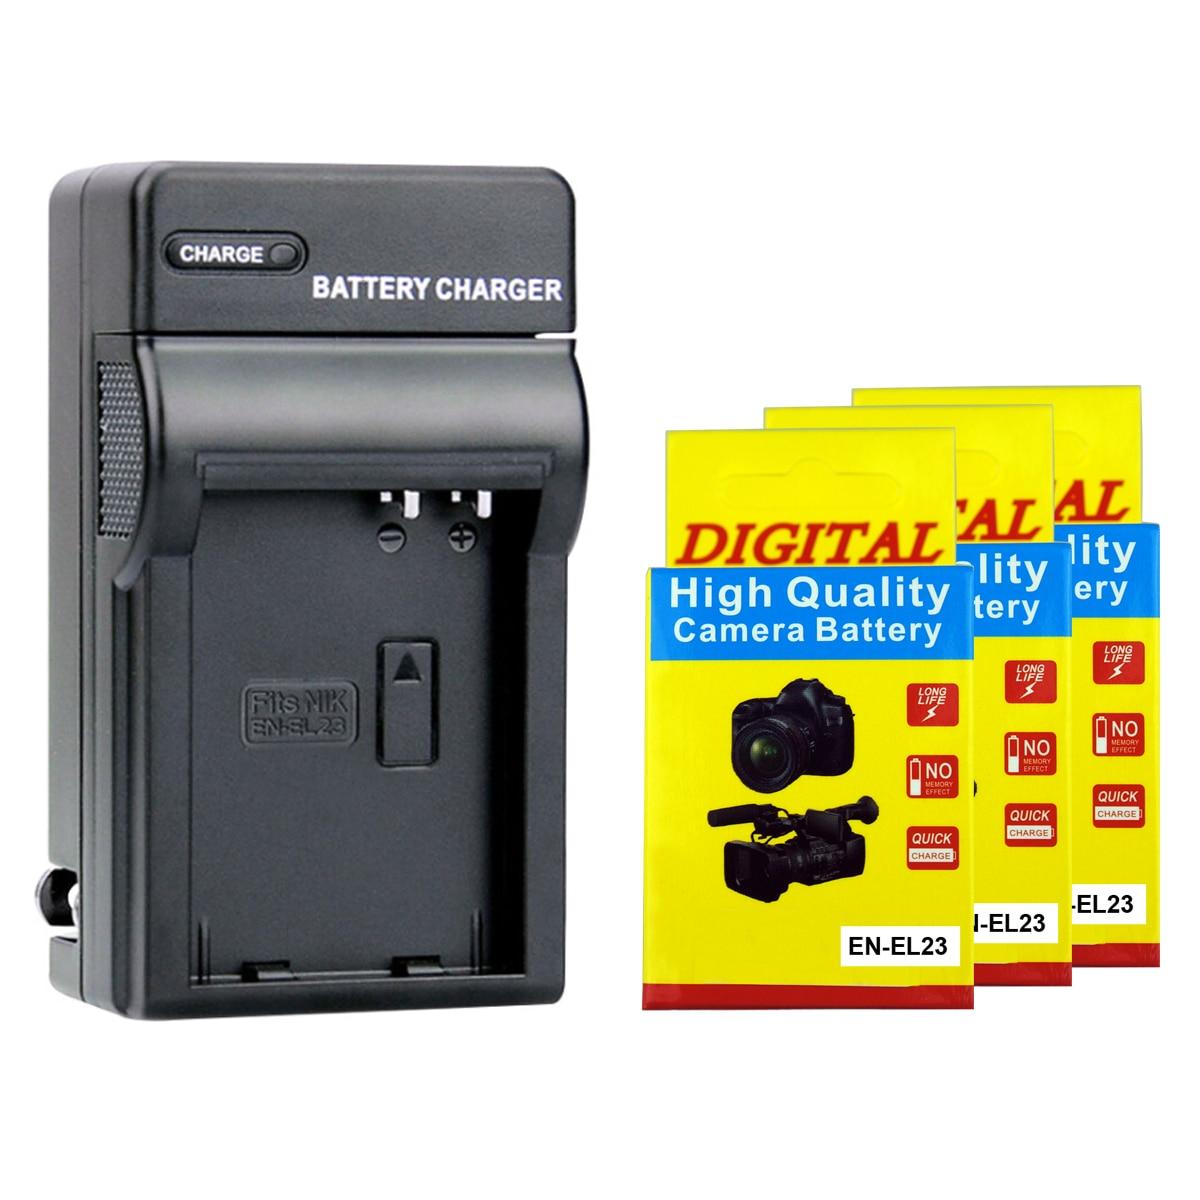 2000 мА/ч, литий-ионный аккумулятор EN-EL23 ENEL23 RU EL23 + Зарядное устройство для цифровой камеры Nikon Coolpix P600 PM159 P610S S810c P900S P900